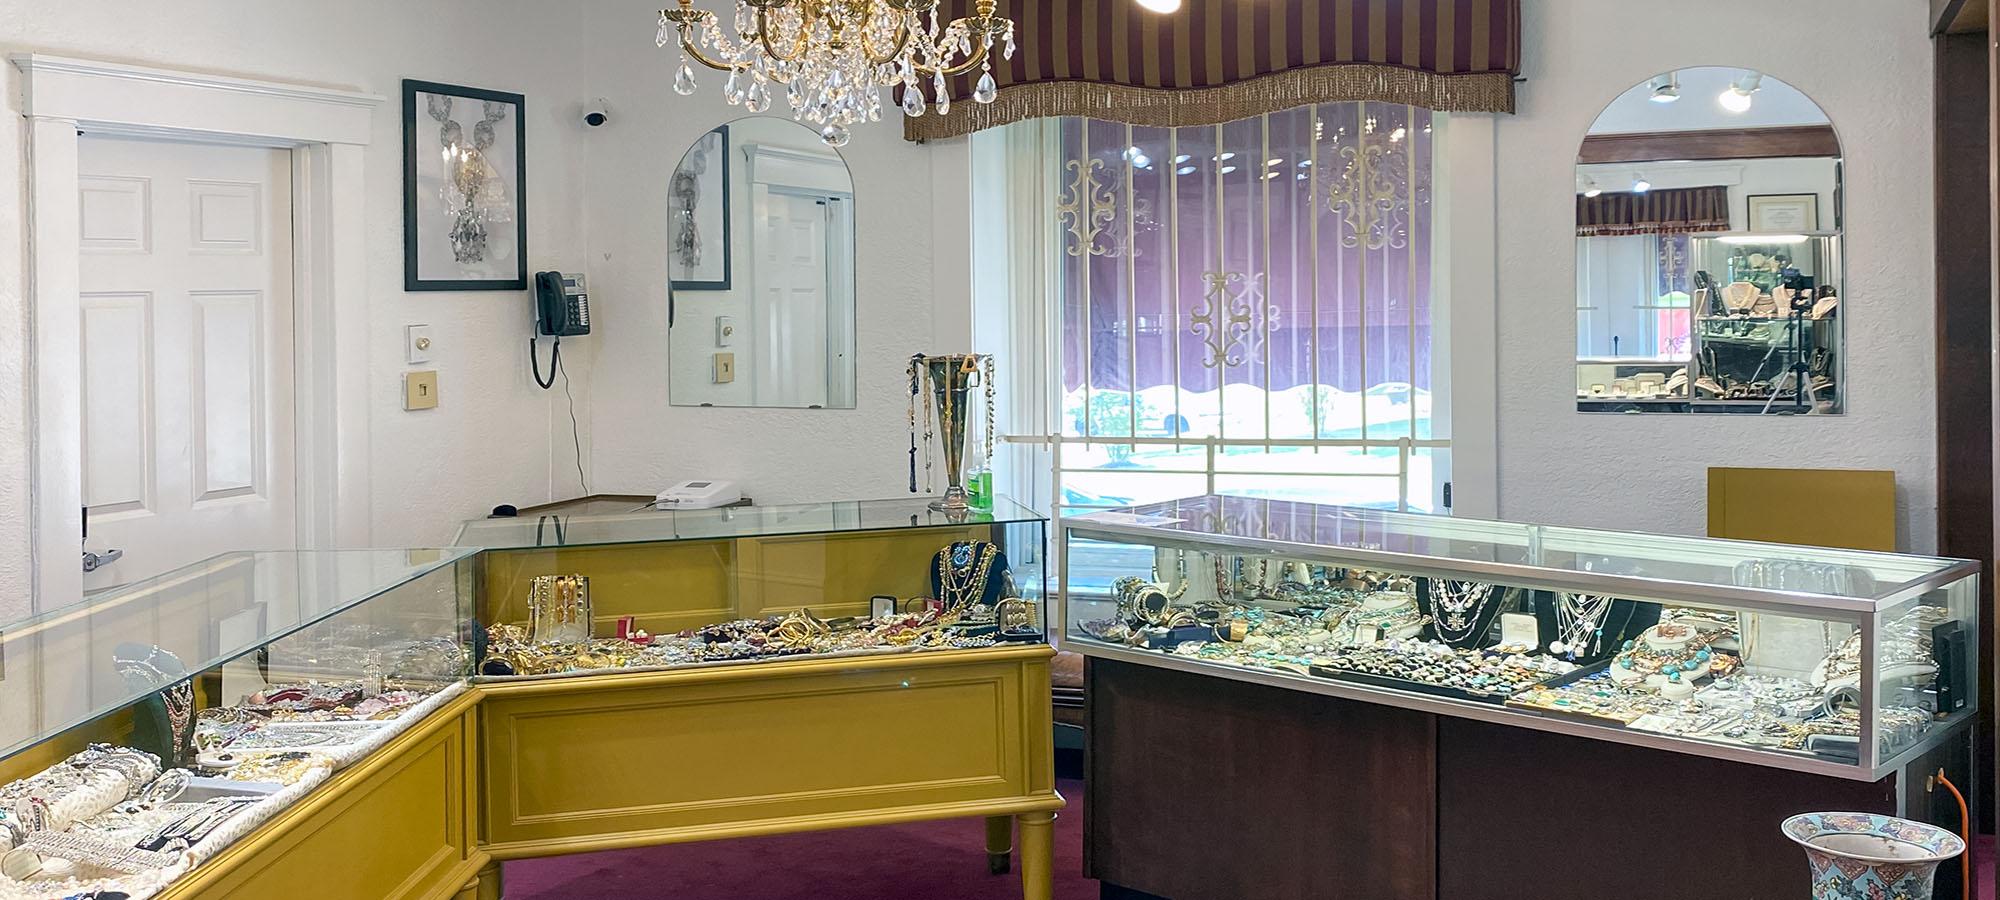 Biris Jewelers Showcases